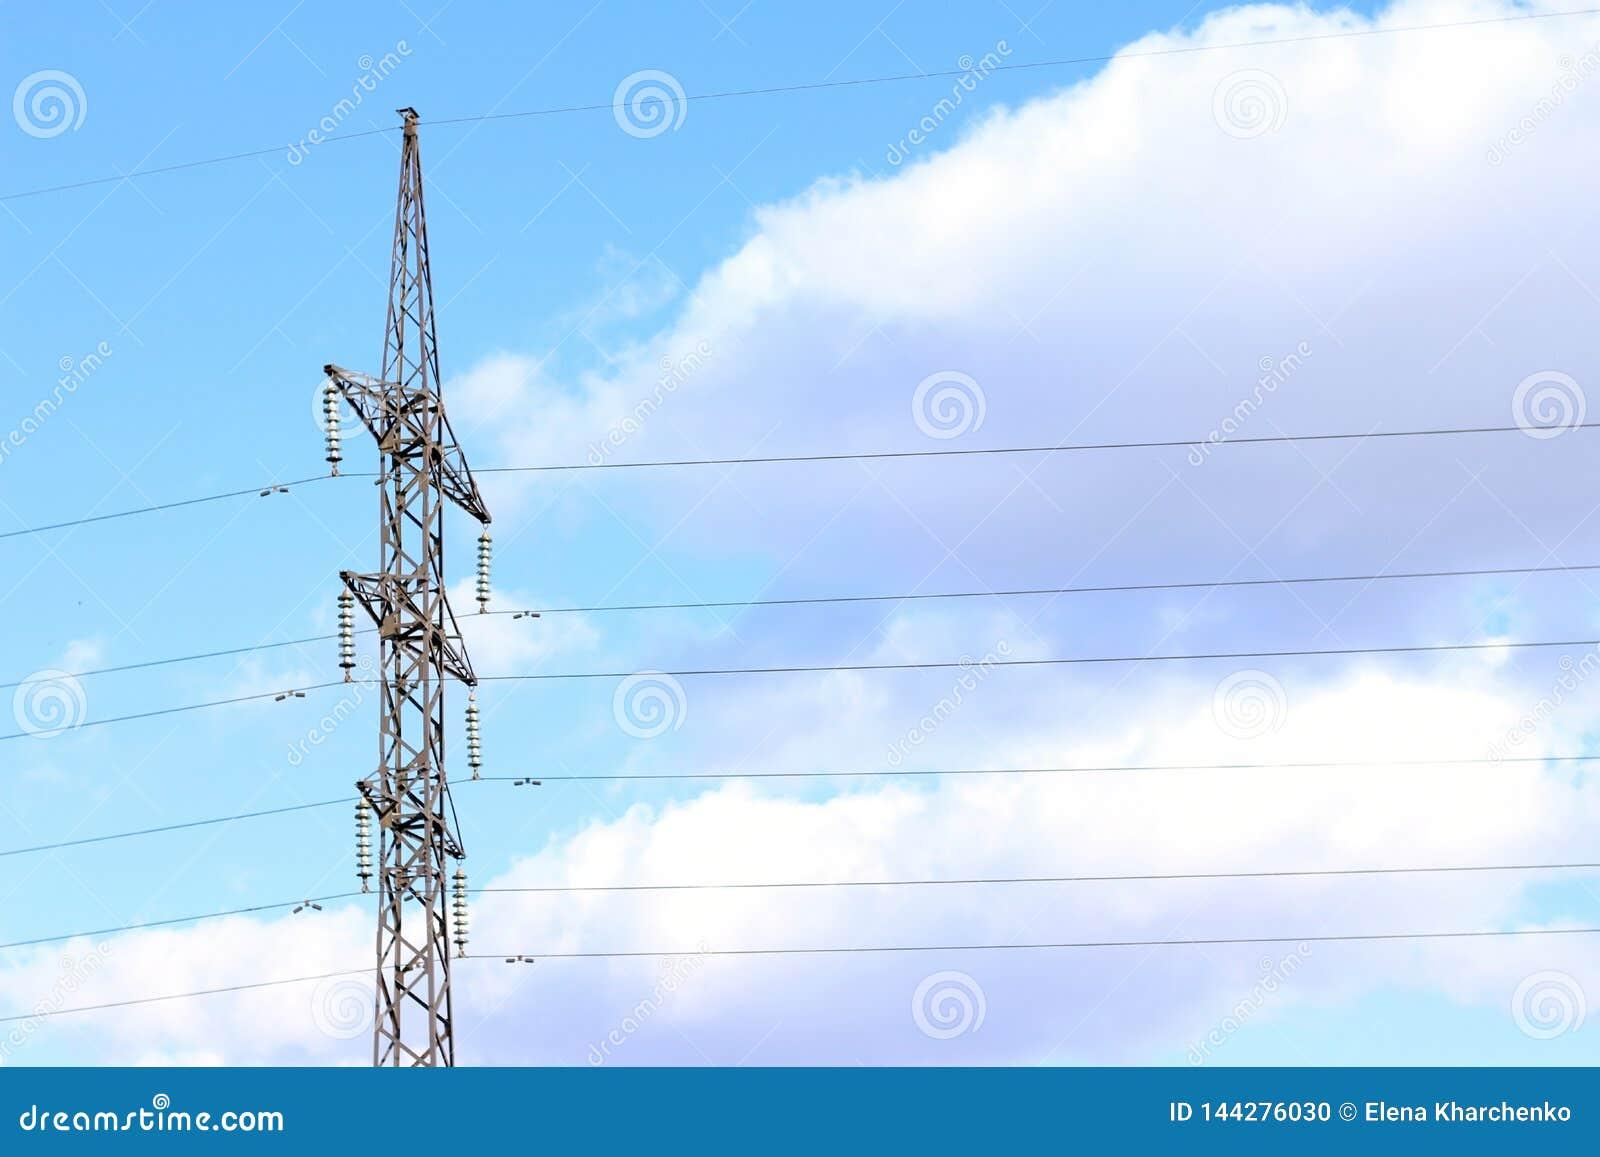 Linha el?trica contra o c?u azul com o fio da central el?trica das nuvens